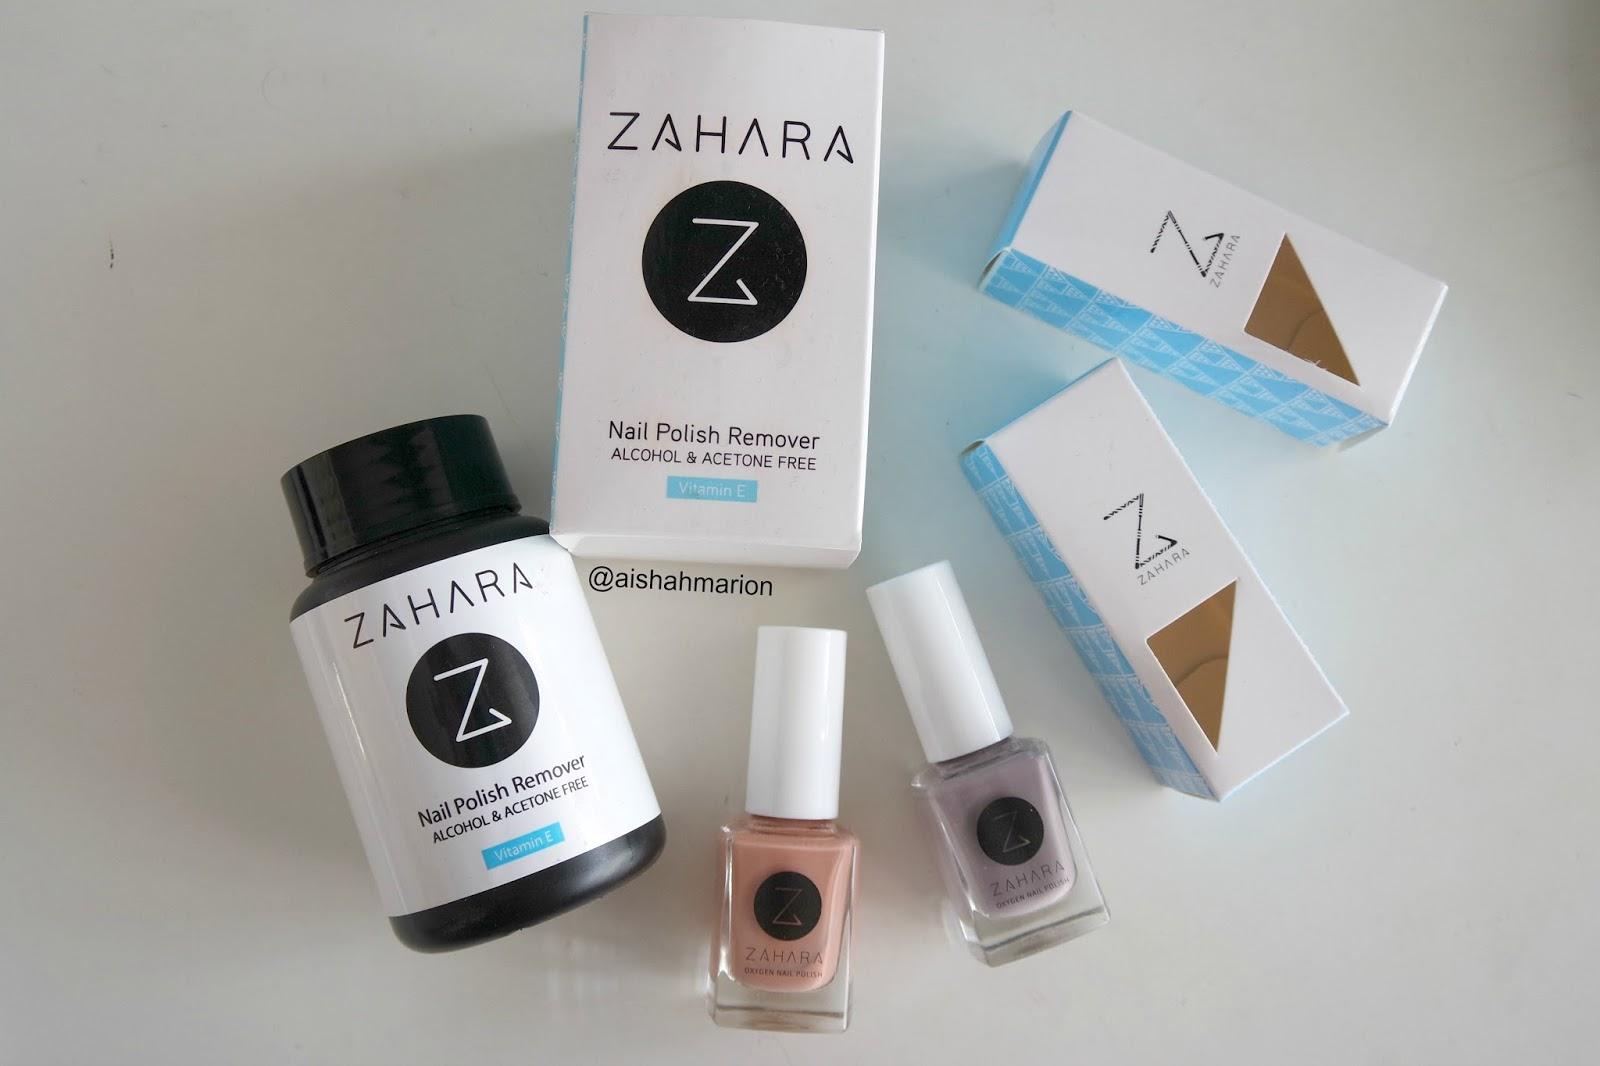 Review : Zahara - Breathable Nail Polish and Halal Nail Polish Remover